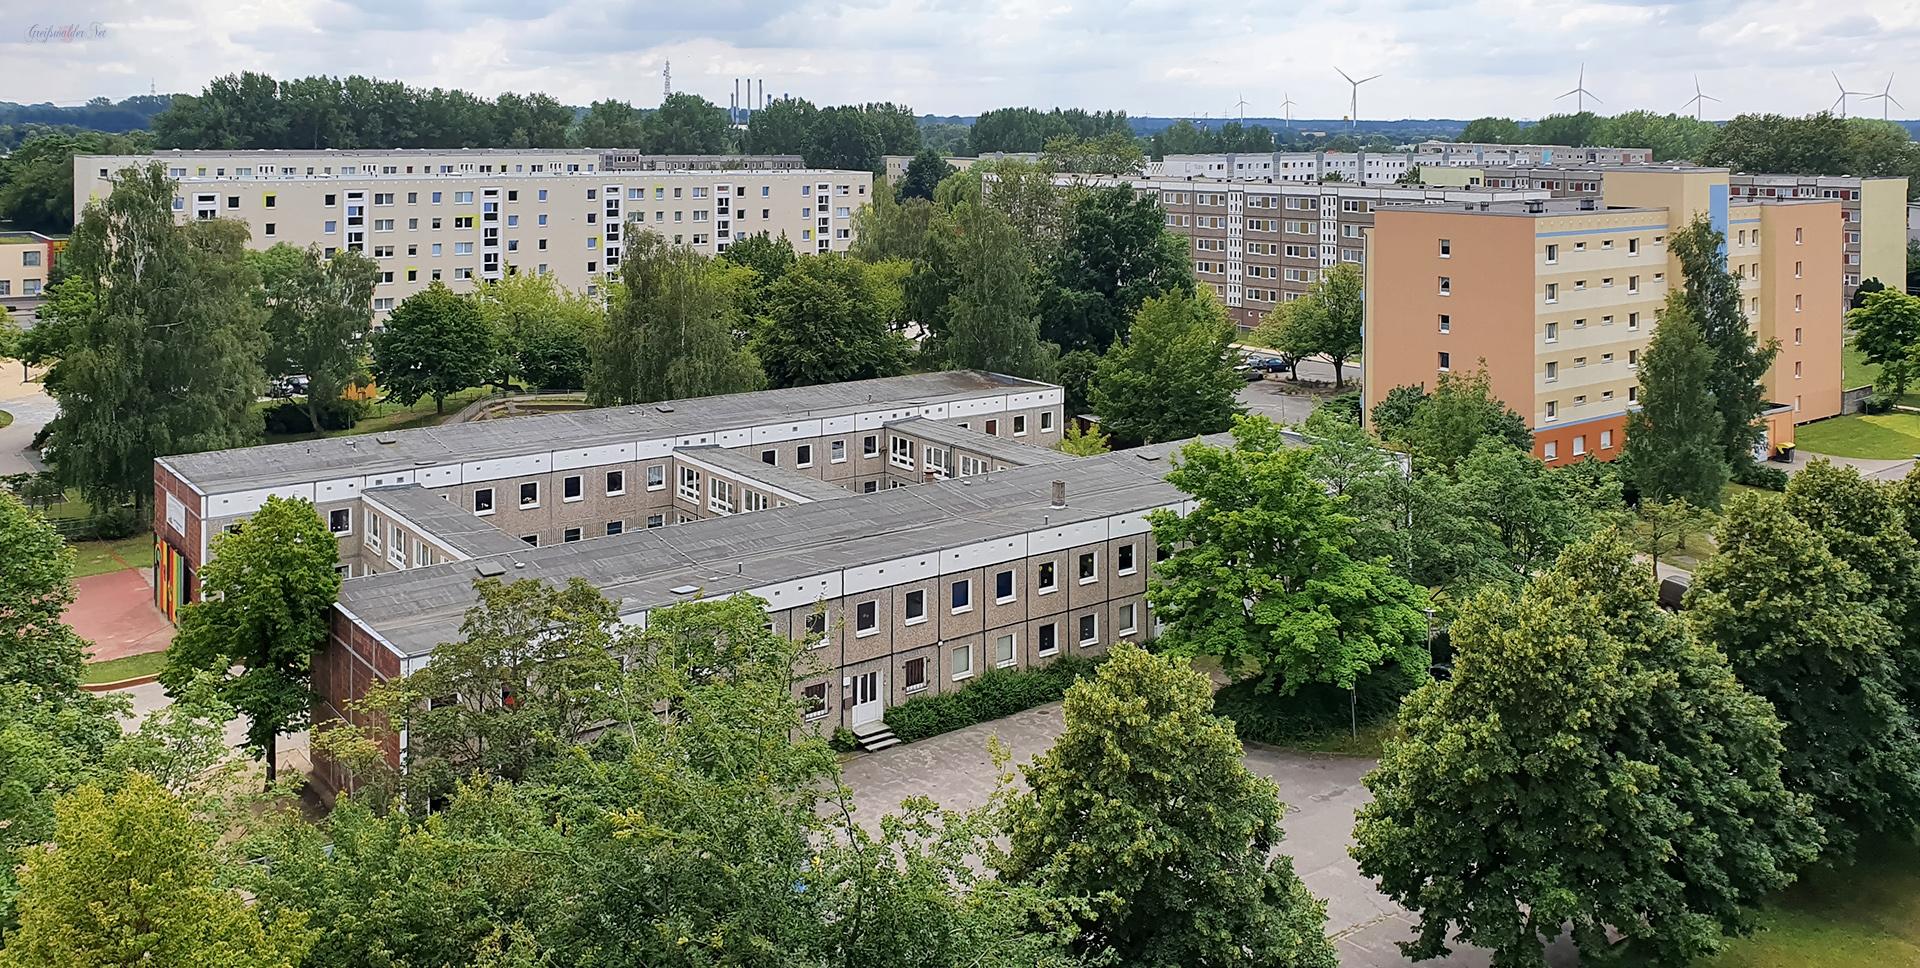 Blick von einem Hochhaus in Greifswald